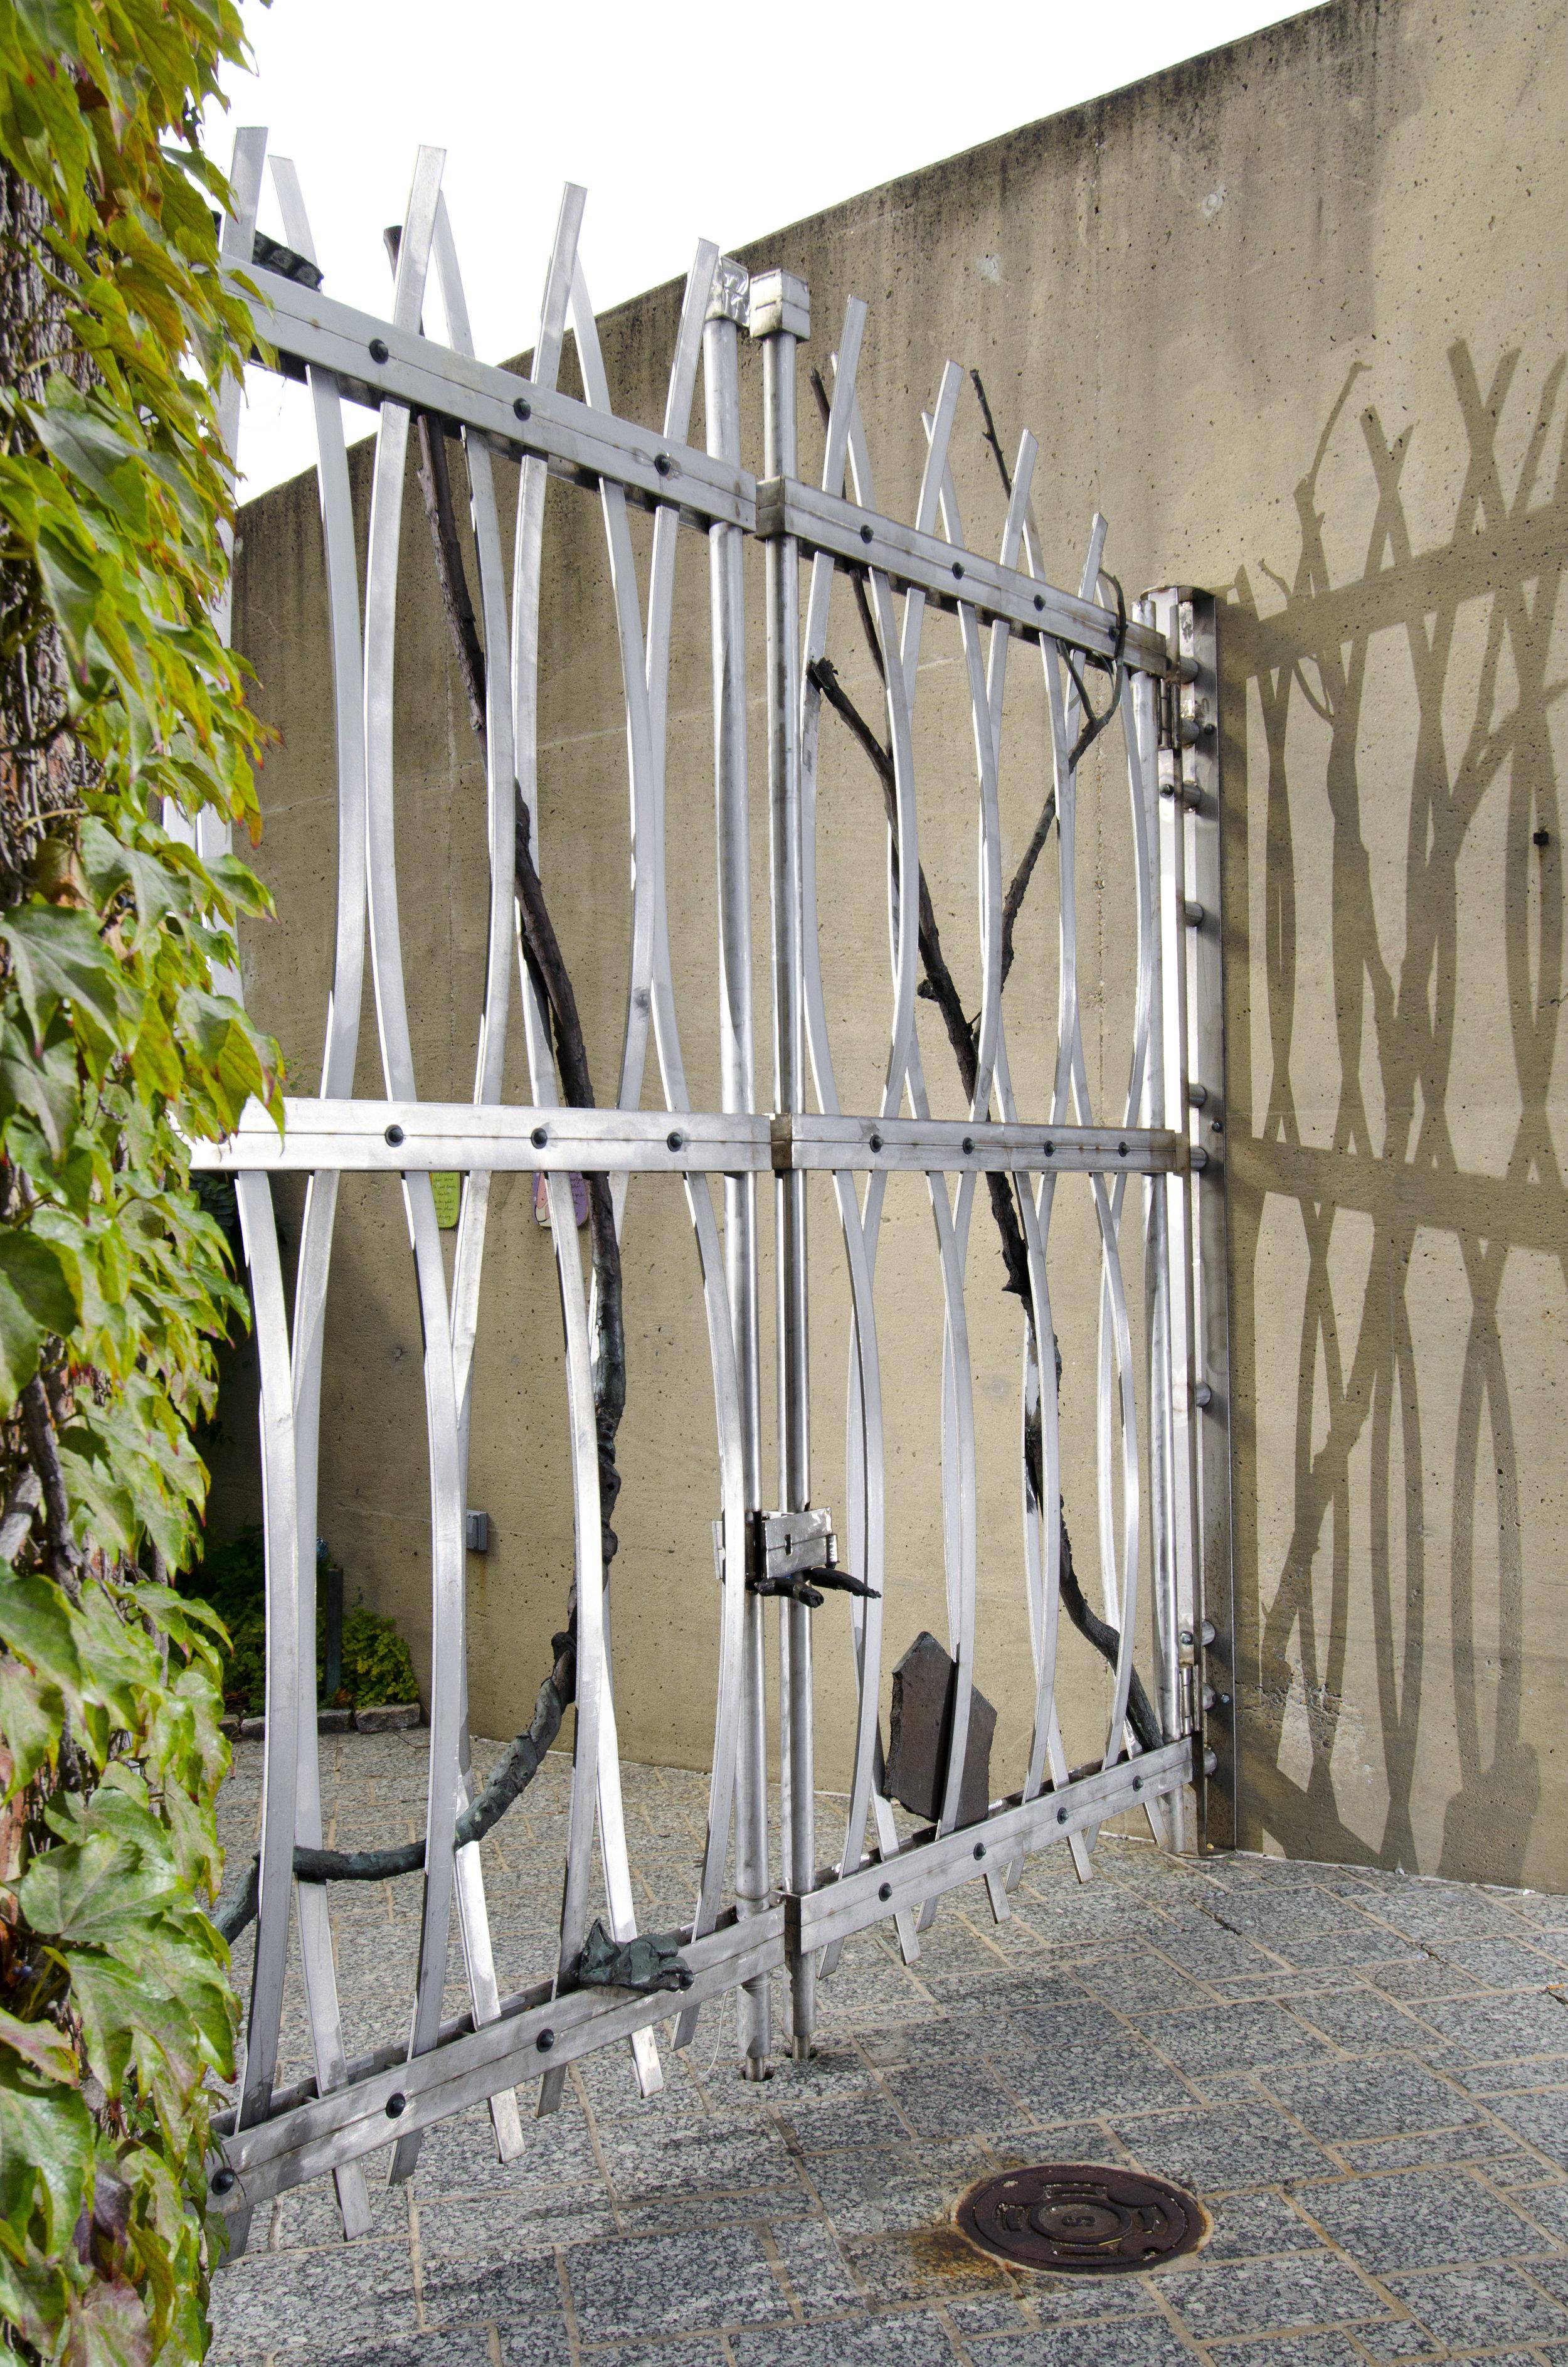 AVAM Barn Gate